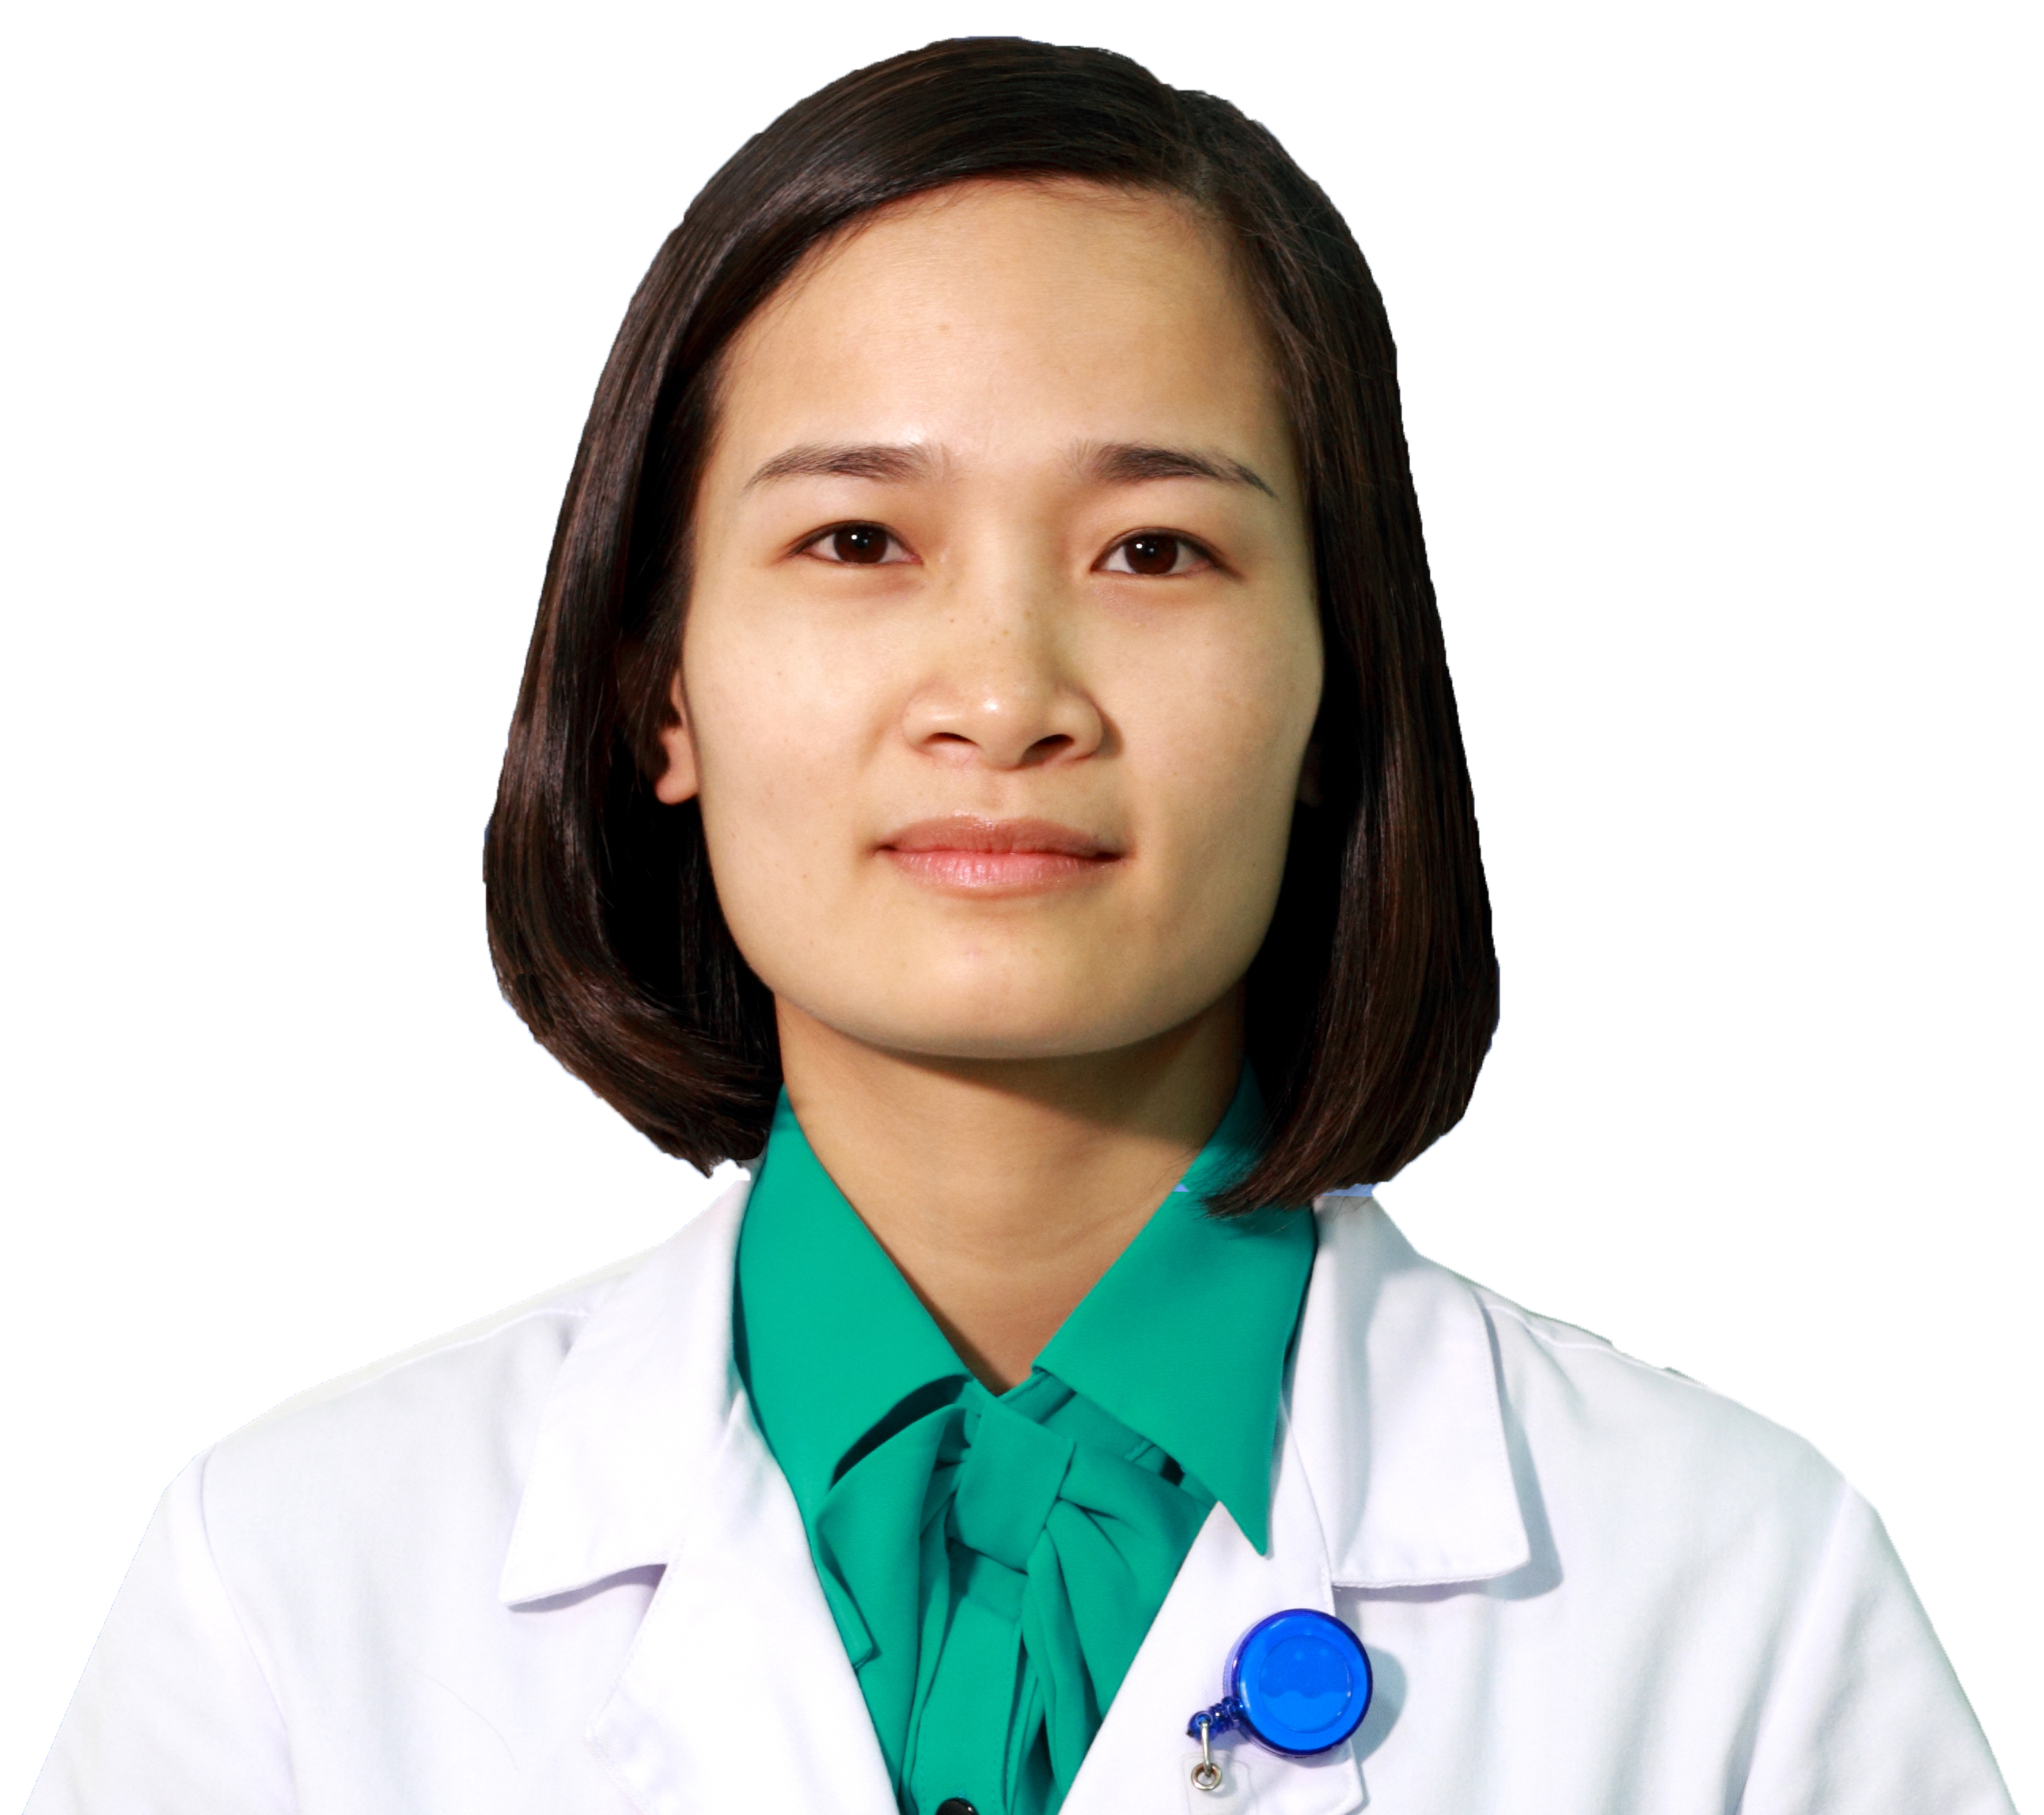 Nguyen Thi Lan M.D., M.A